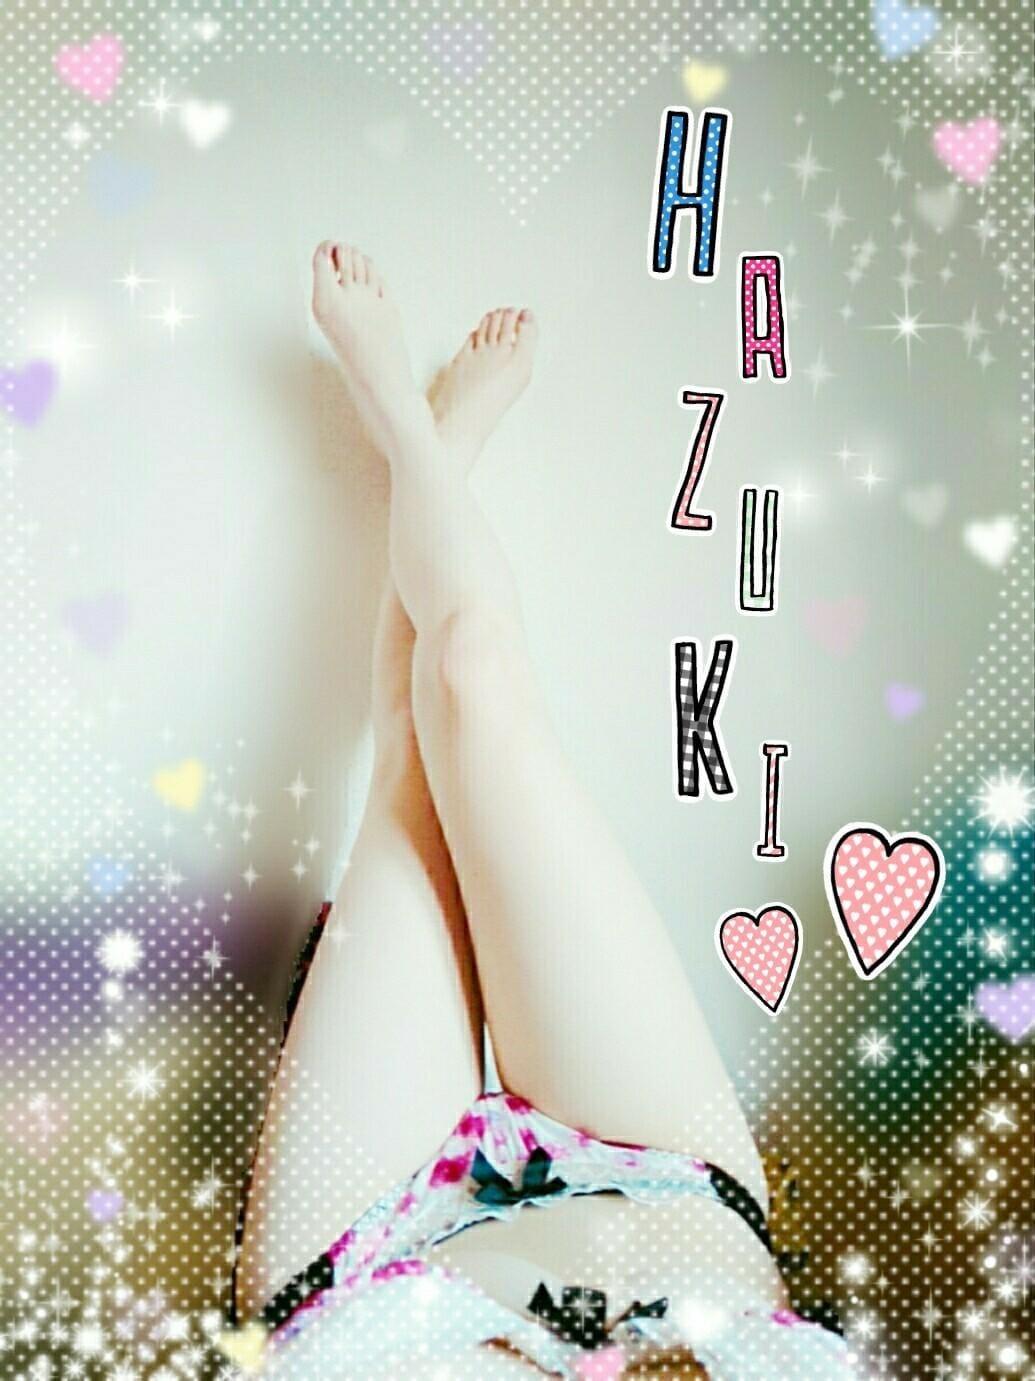 「☆」05/24(木) 19:16 | ハヅキの写メ・風俗動画